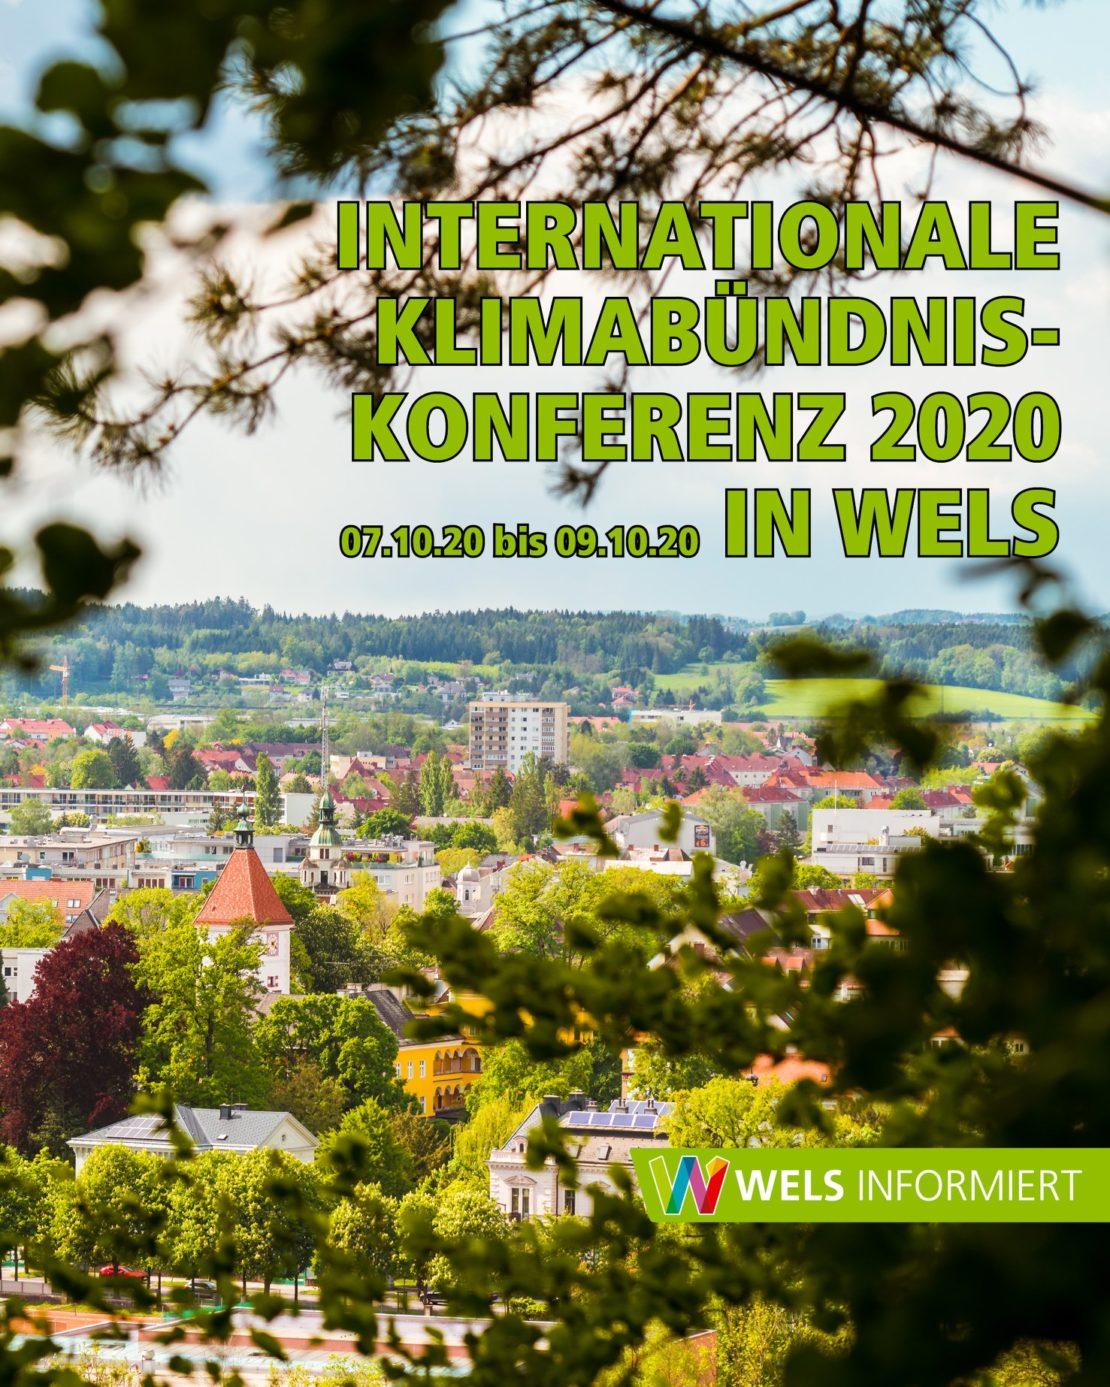 Internationale Klima-Bündnis-Konferenz 2020 in Wels